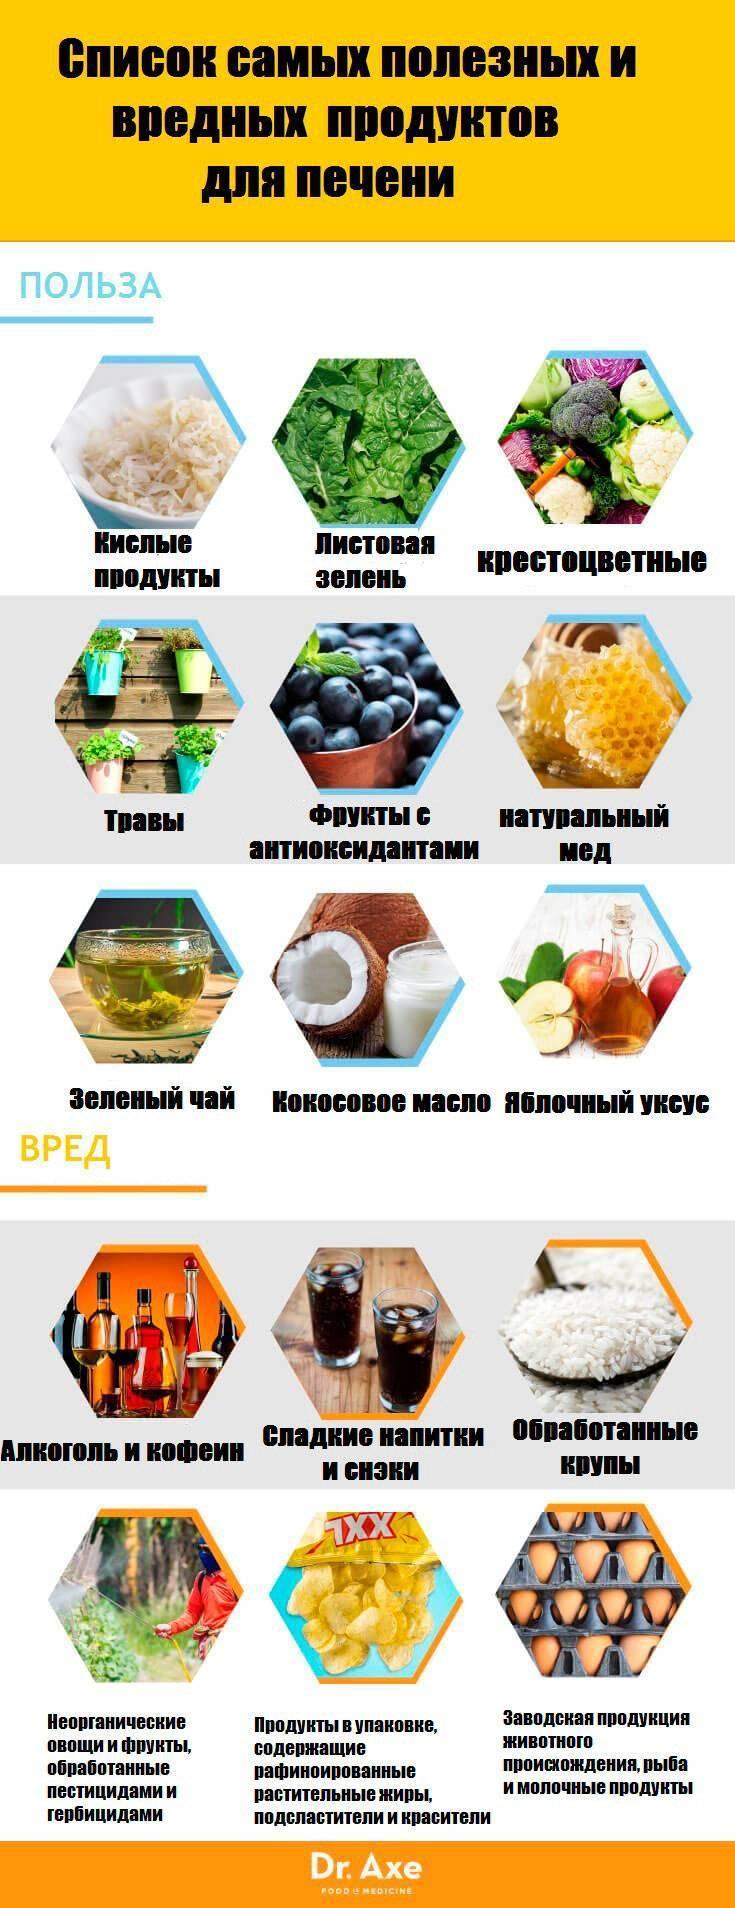 Продукты для печени